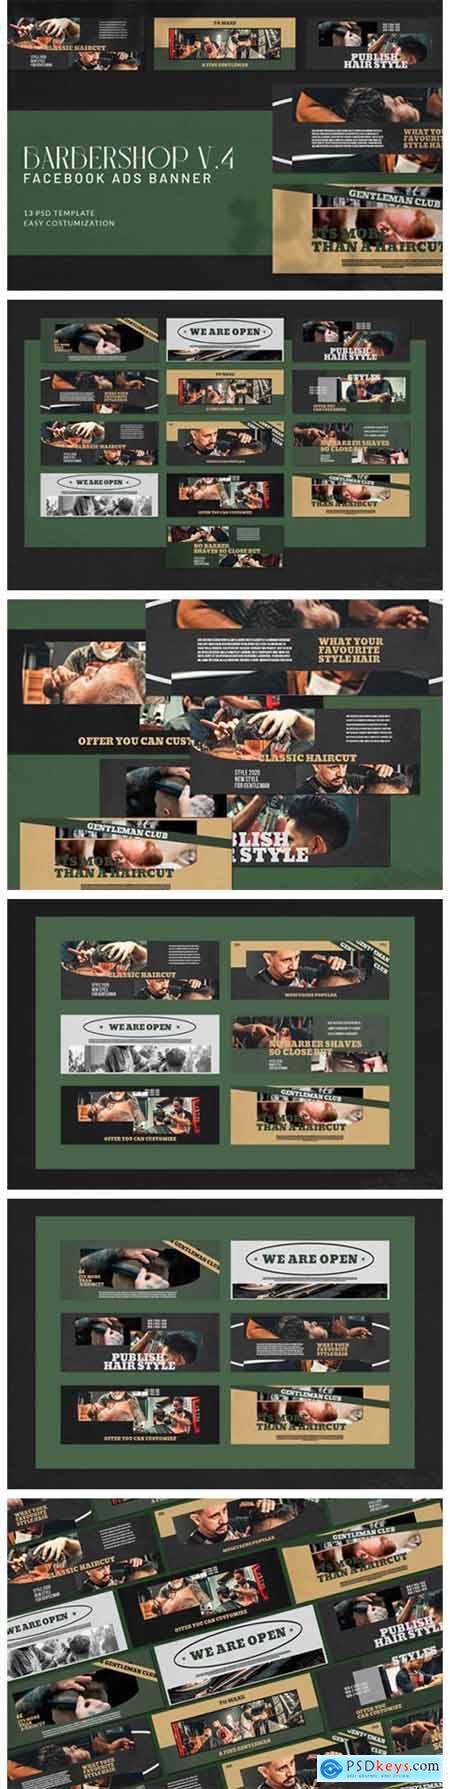 Barbershop V4 Facebook Ads 5723772